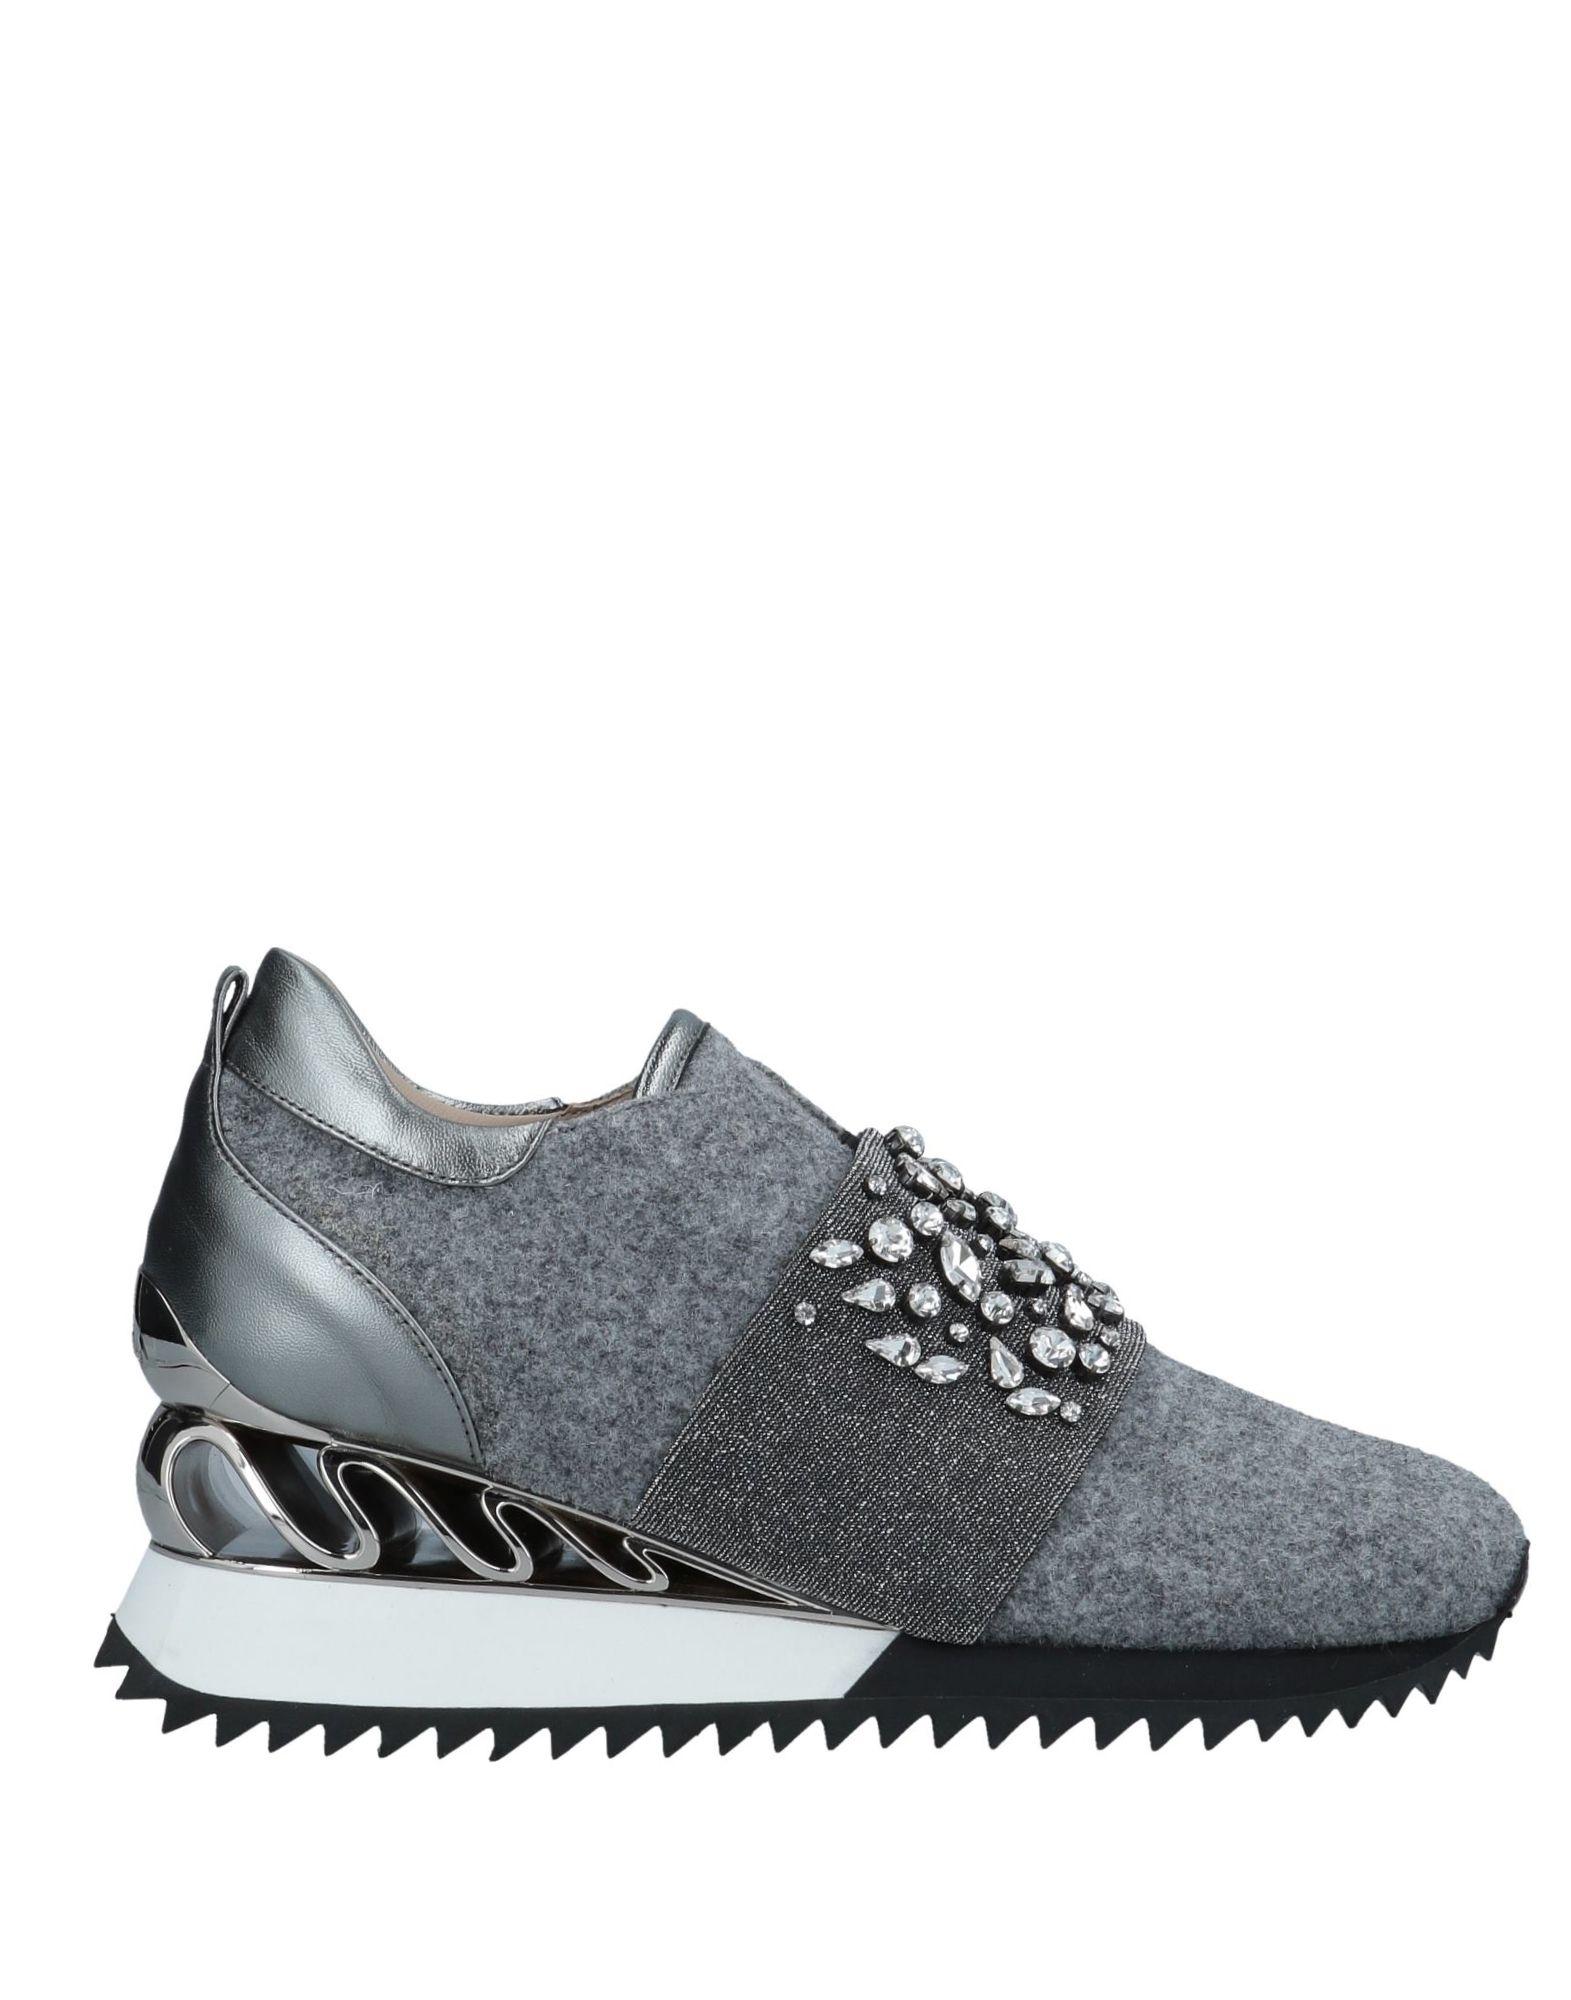 Le Silla Silla Sneakers - Women Le Silla Silla Sneakers online on  Australia - 11552622EQ b45b18